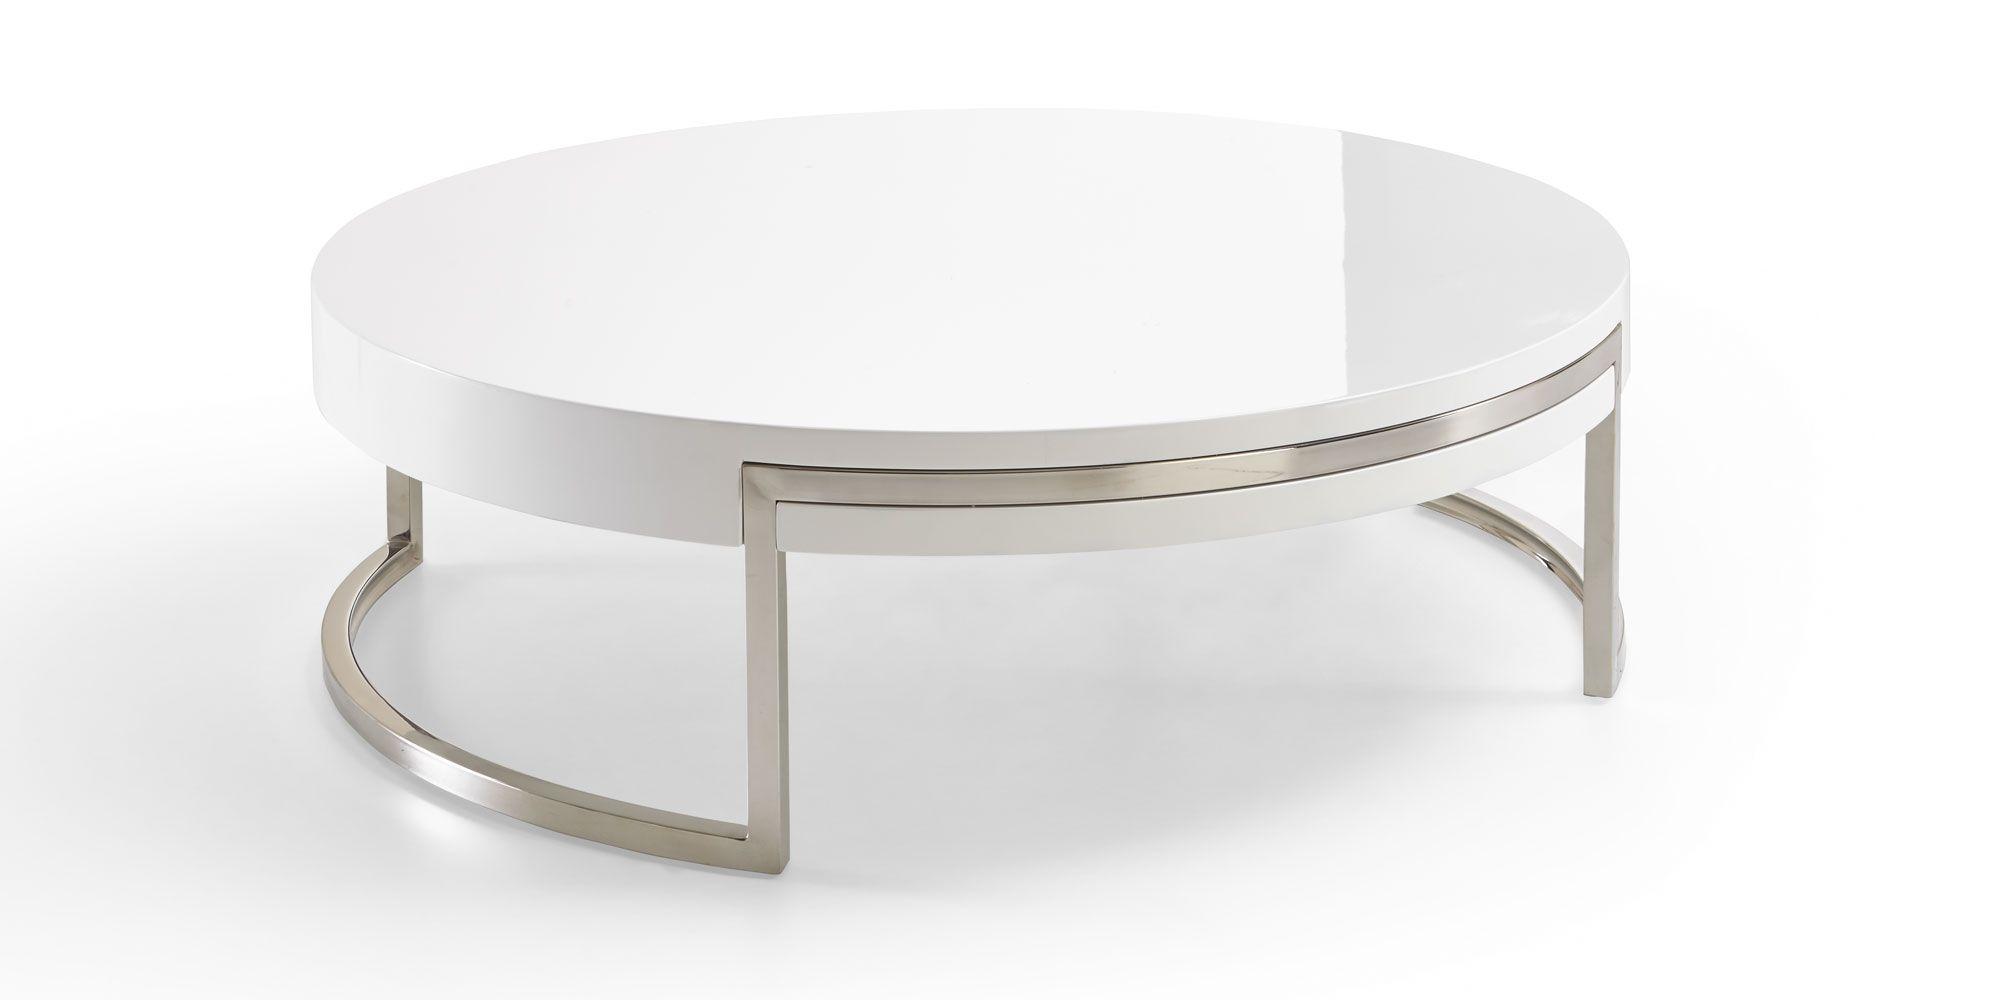 Schon Couchtisch Weiss Rund Mit Bildern Ikea Couchtisch Coole